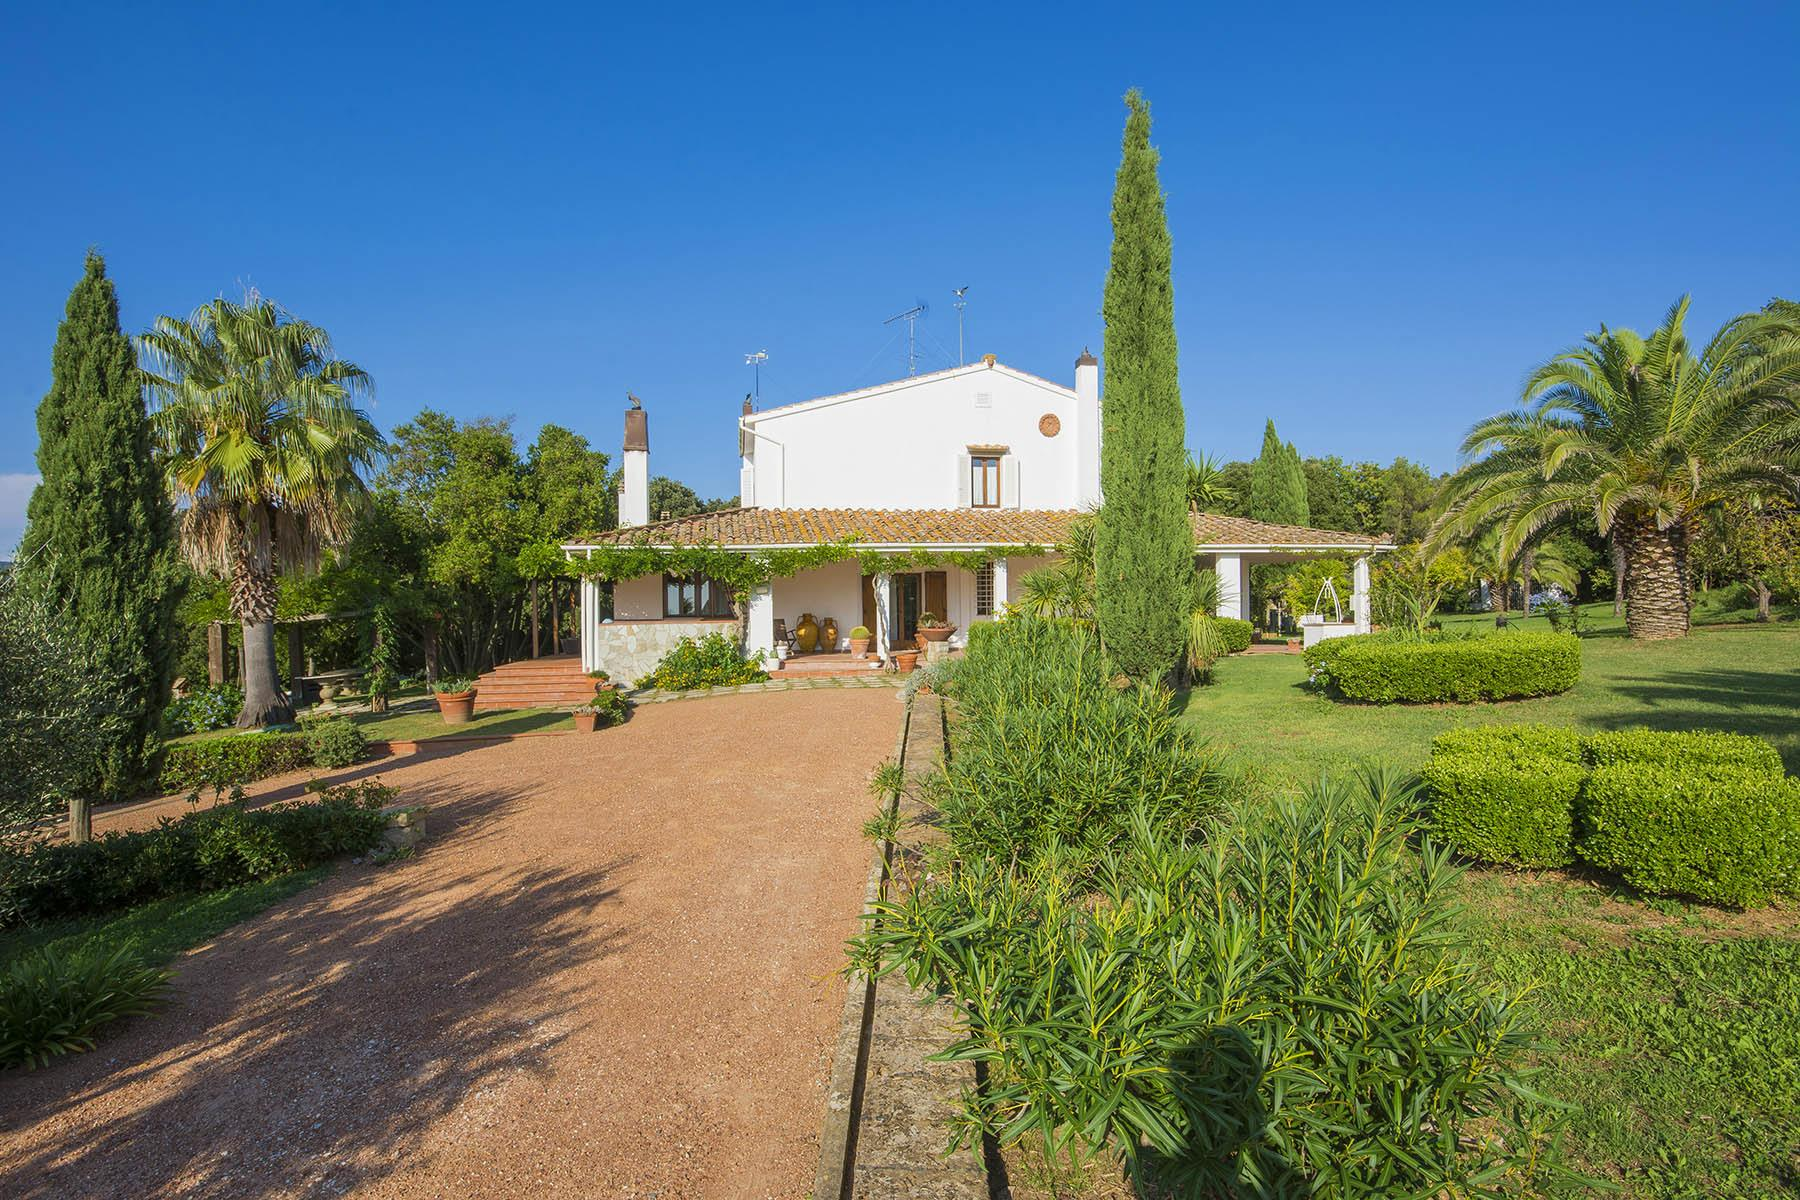 Villa in collina vista mare, nei pressi di Castiglioncello - 6